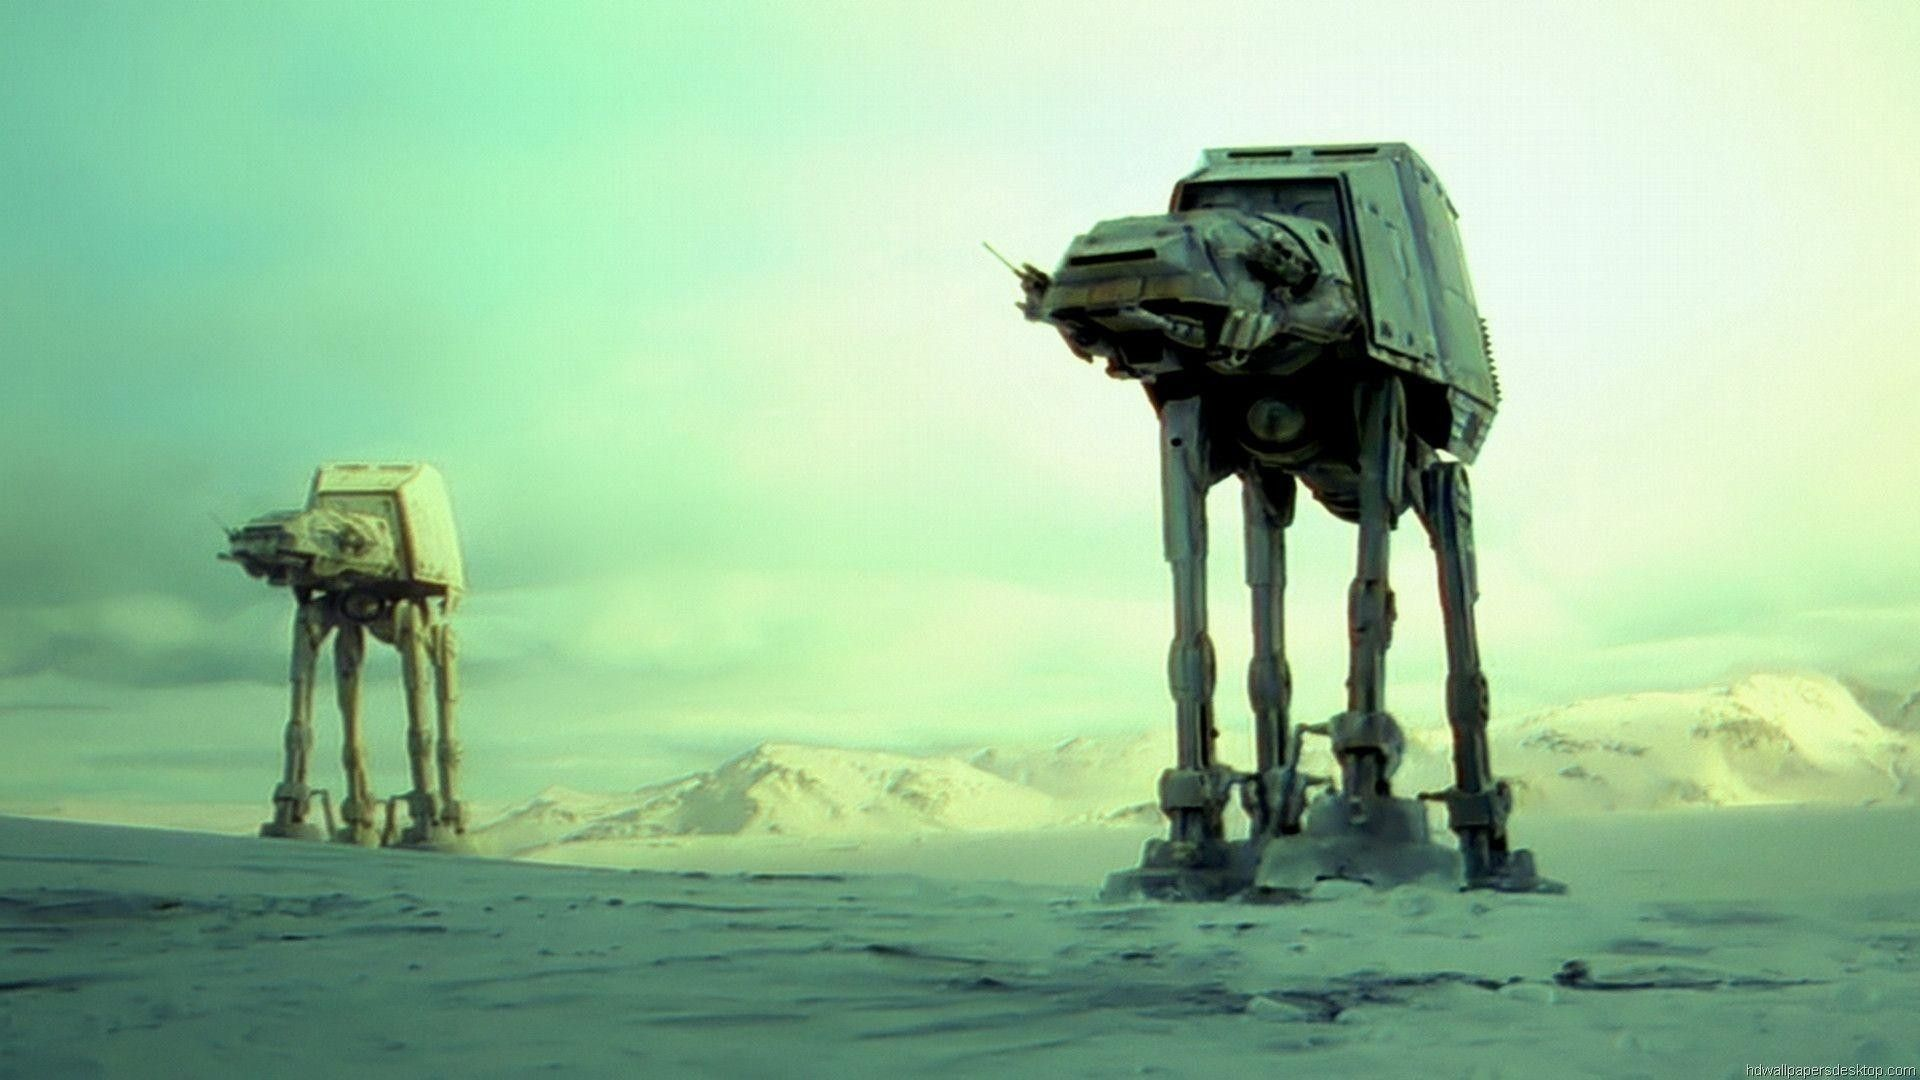 1920x1080 Star Wars Hd Wallpaper Star Wars Wallpaper Hd 1080p 1920a 1080 Star Wars Wallpaper Star Wars Background Star Wars Imperial Walker